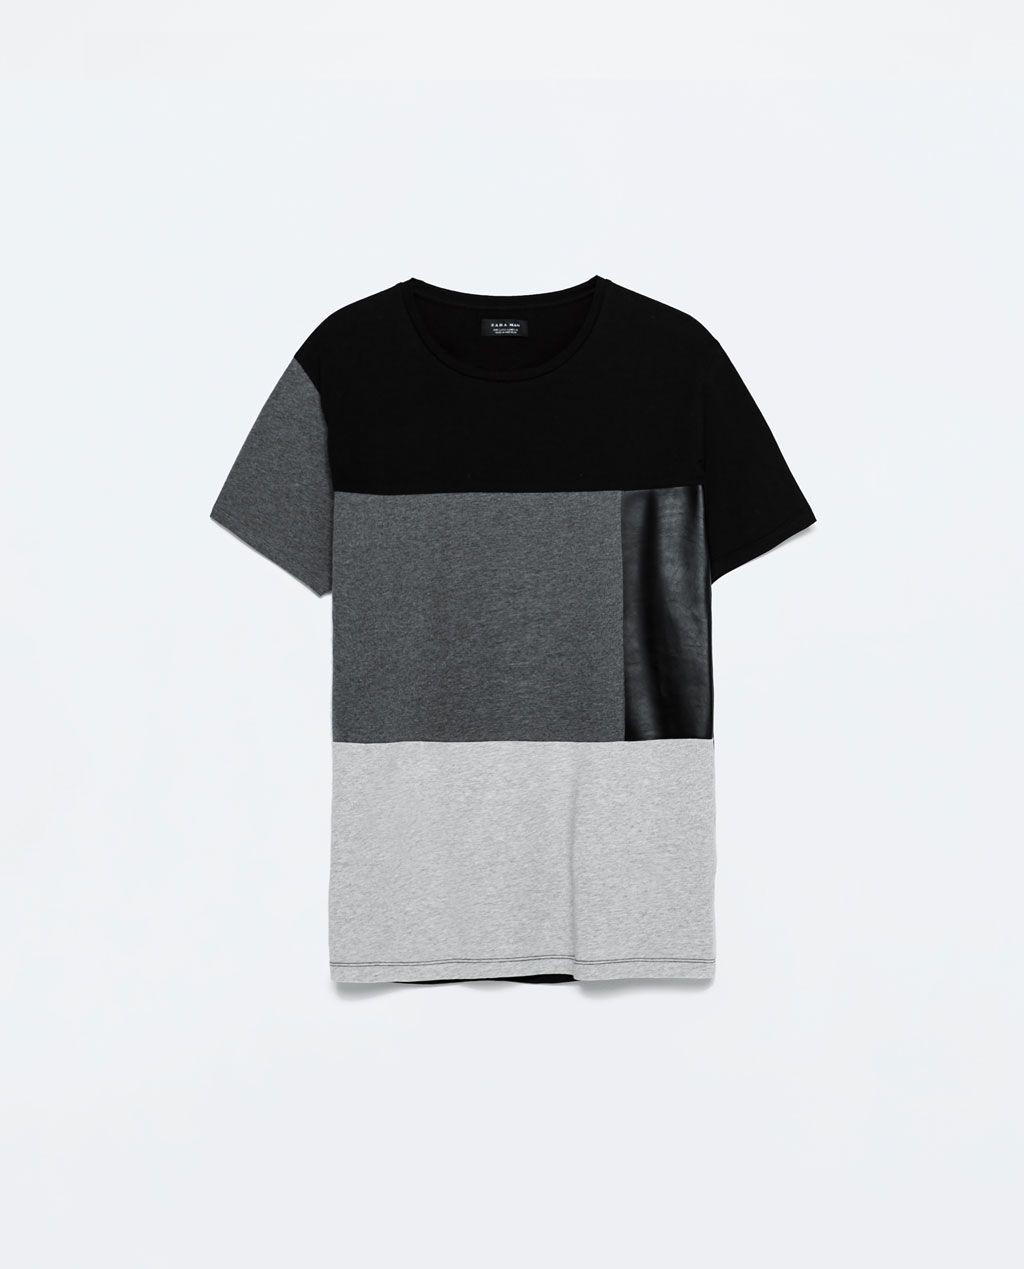 Zara flannel shirt mens  Imagem  de TSHIRT COM PAINÉIS EM POLIPELE da Zara  Fashion Faves